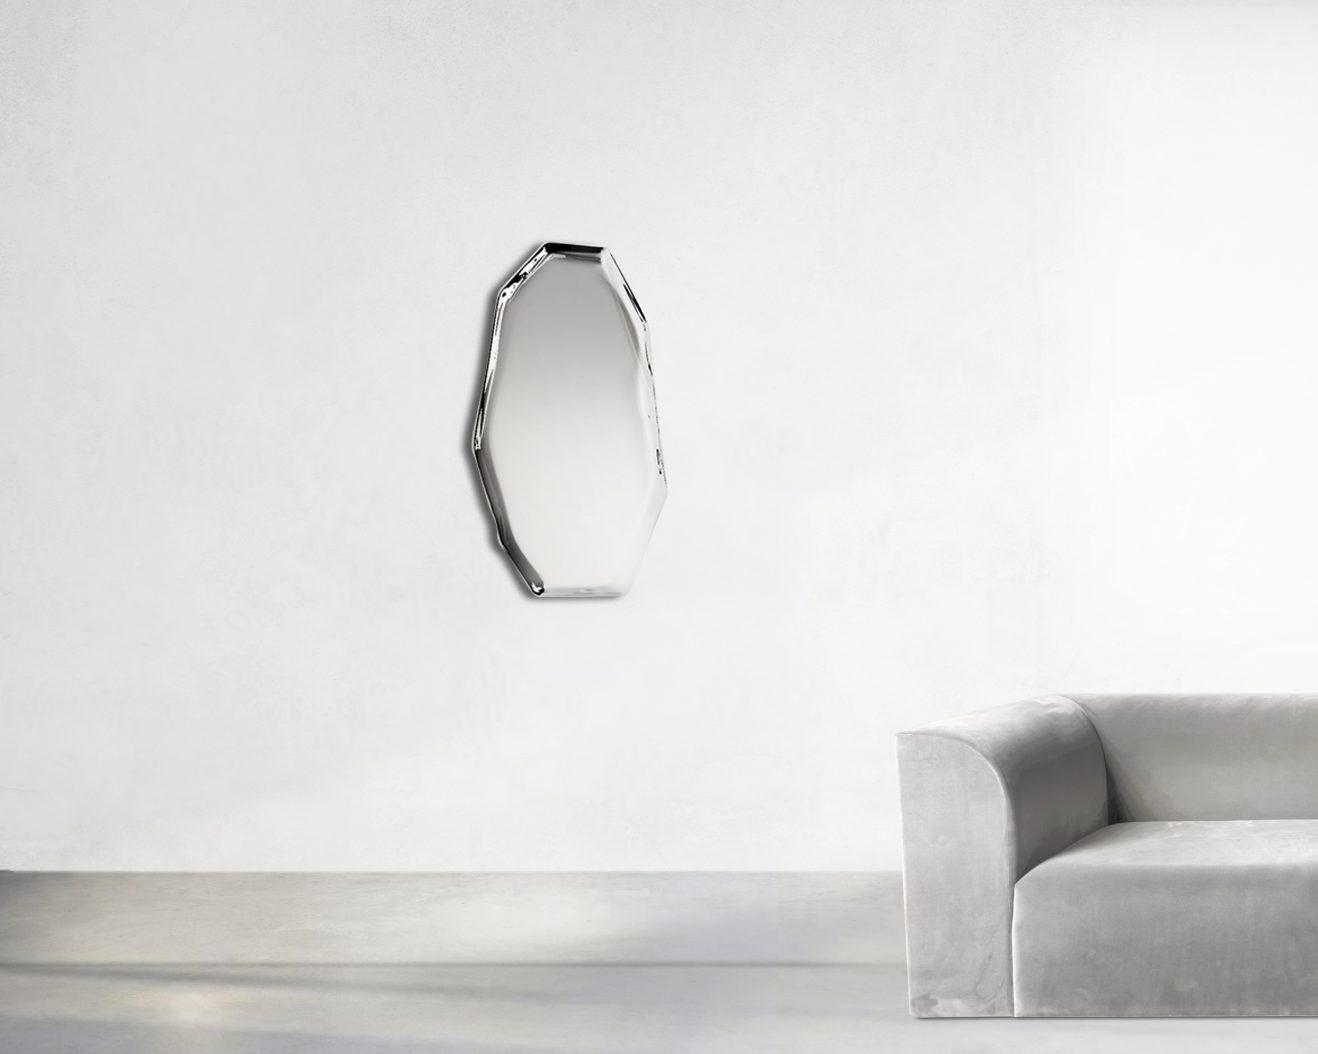 Zieta-C3-Mirror-Savannah-Bay-Gallery